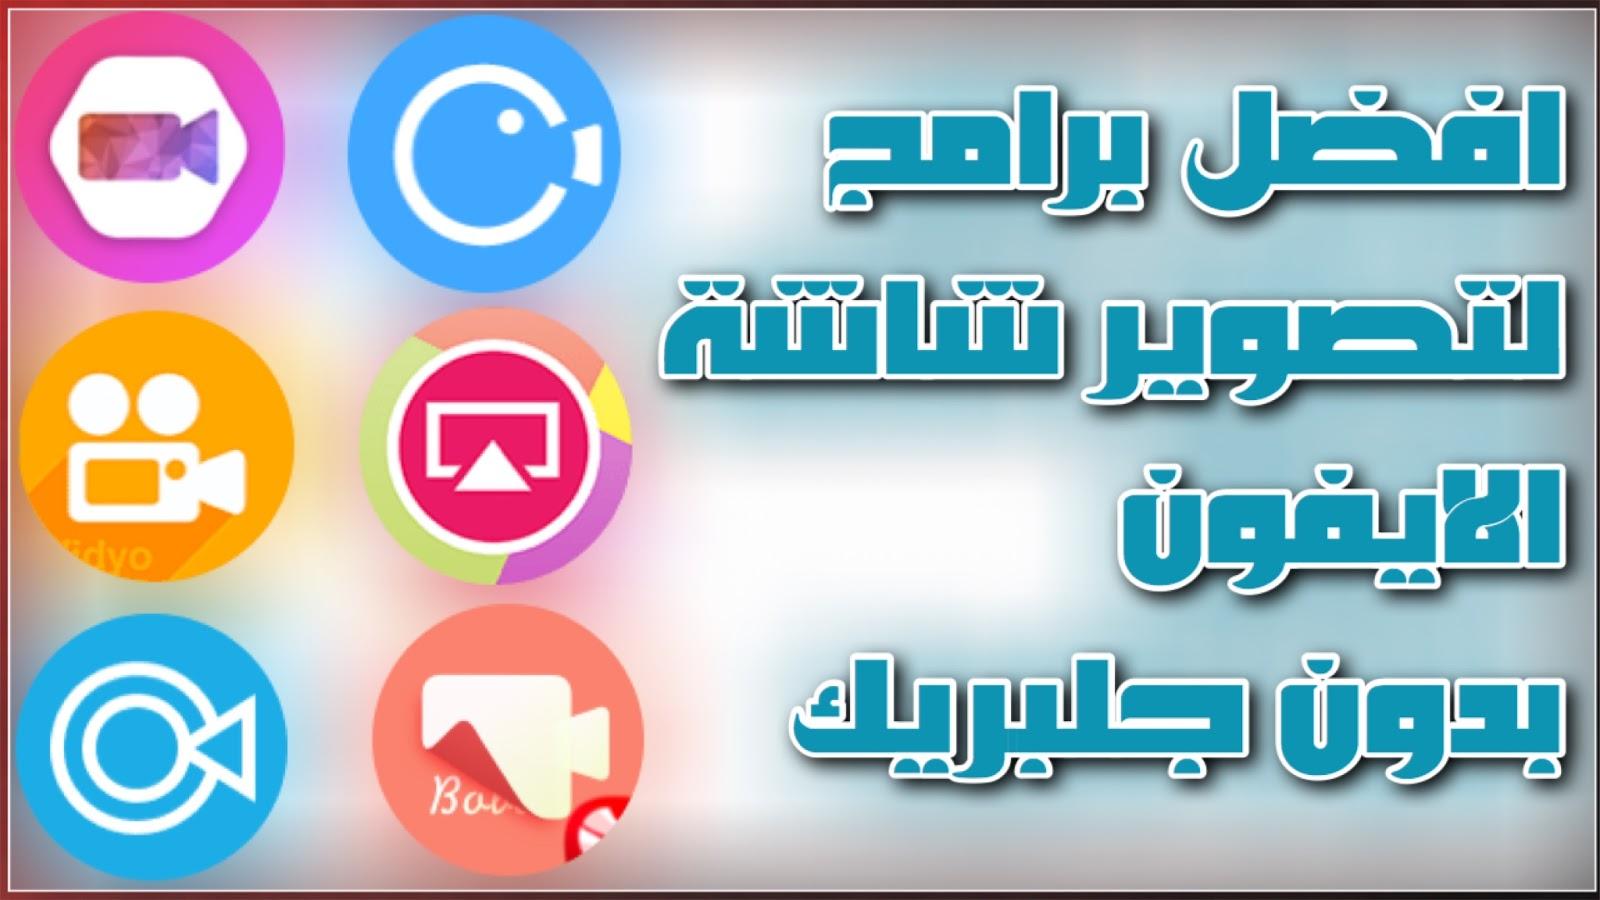 صورة تصوير فيديو للشاشه ، تطبيقات لفيديو شاشه الاندرويد